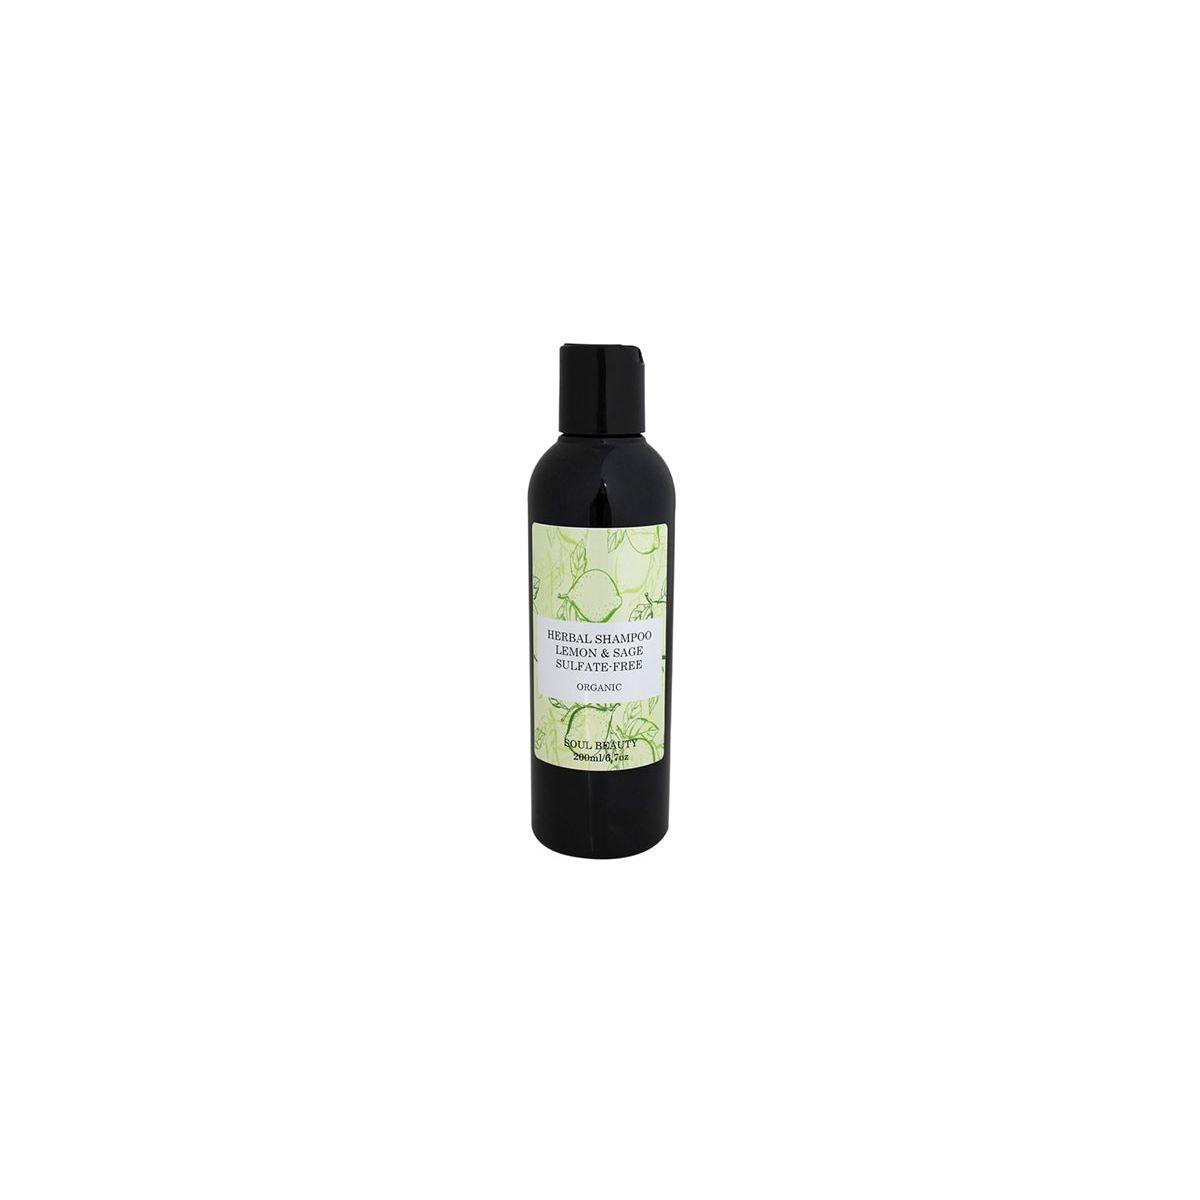 Sulfate free Shampoo - Lemon & Sage